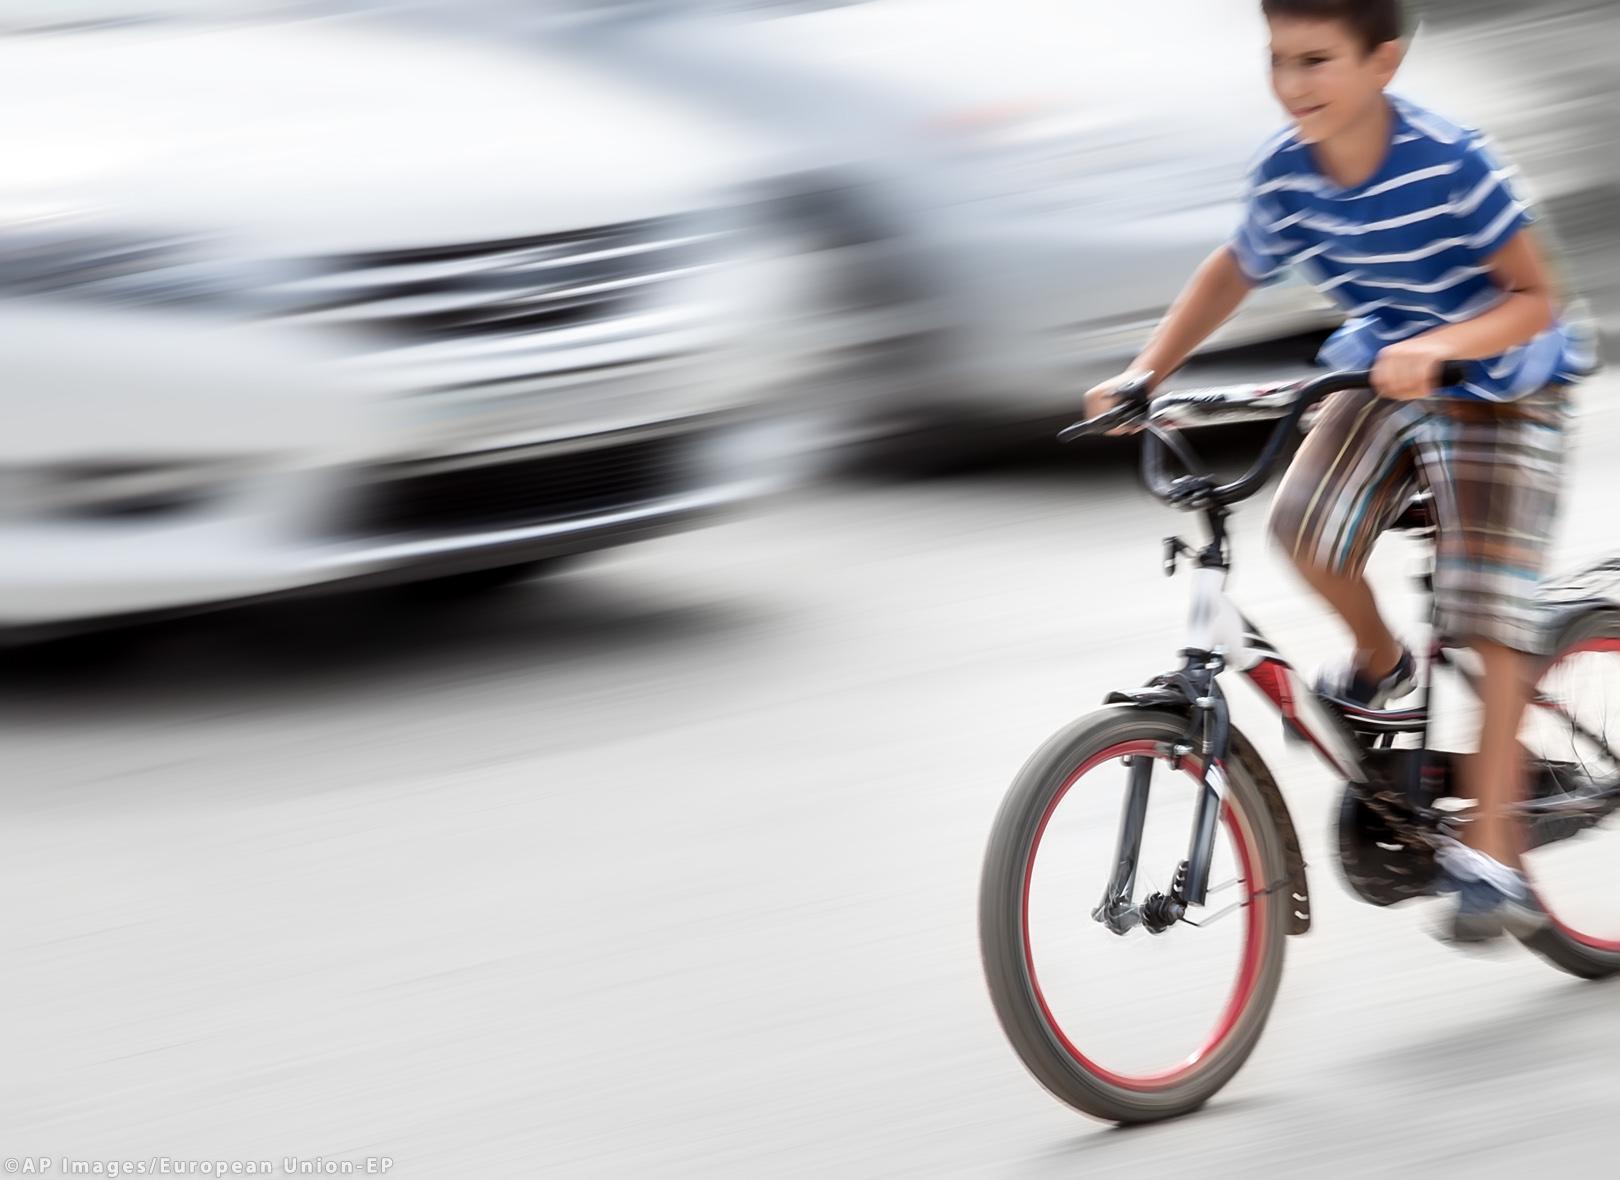 κανόνες για την προστασία των θυμάτων αυτοκινητιστικών ατυχημάτων